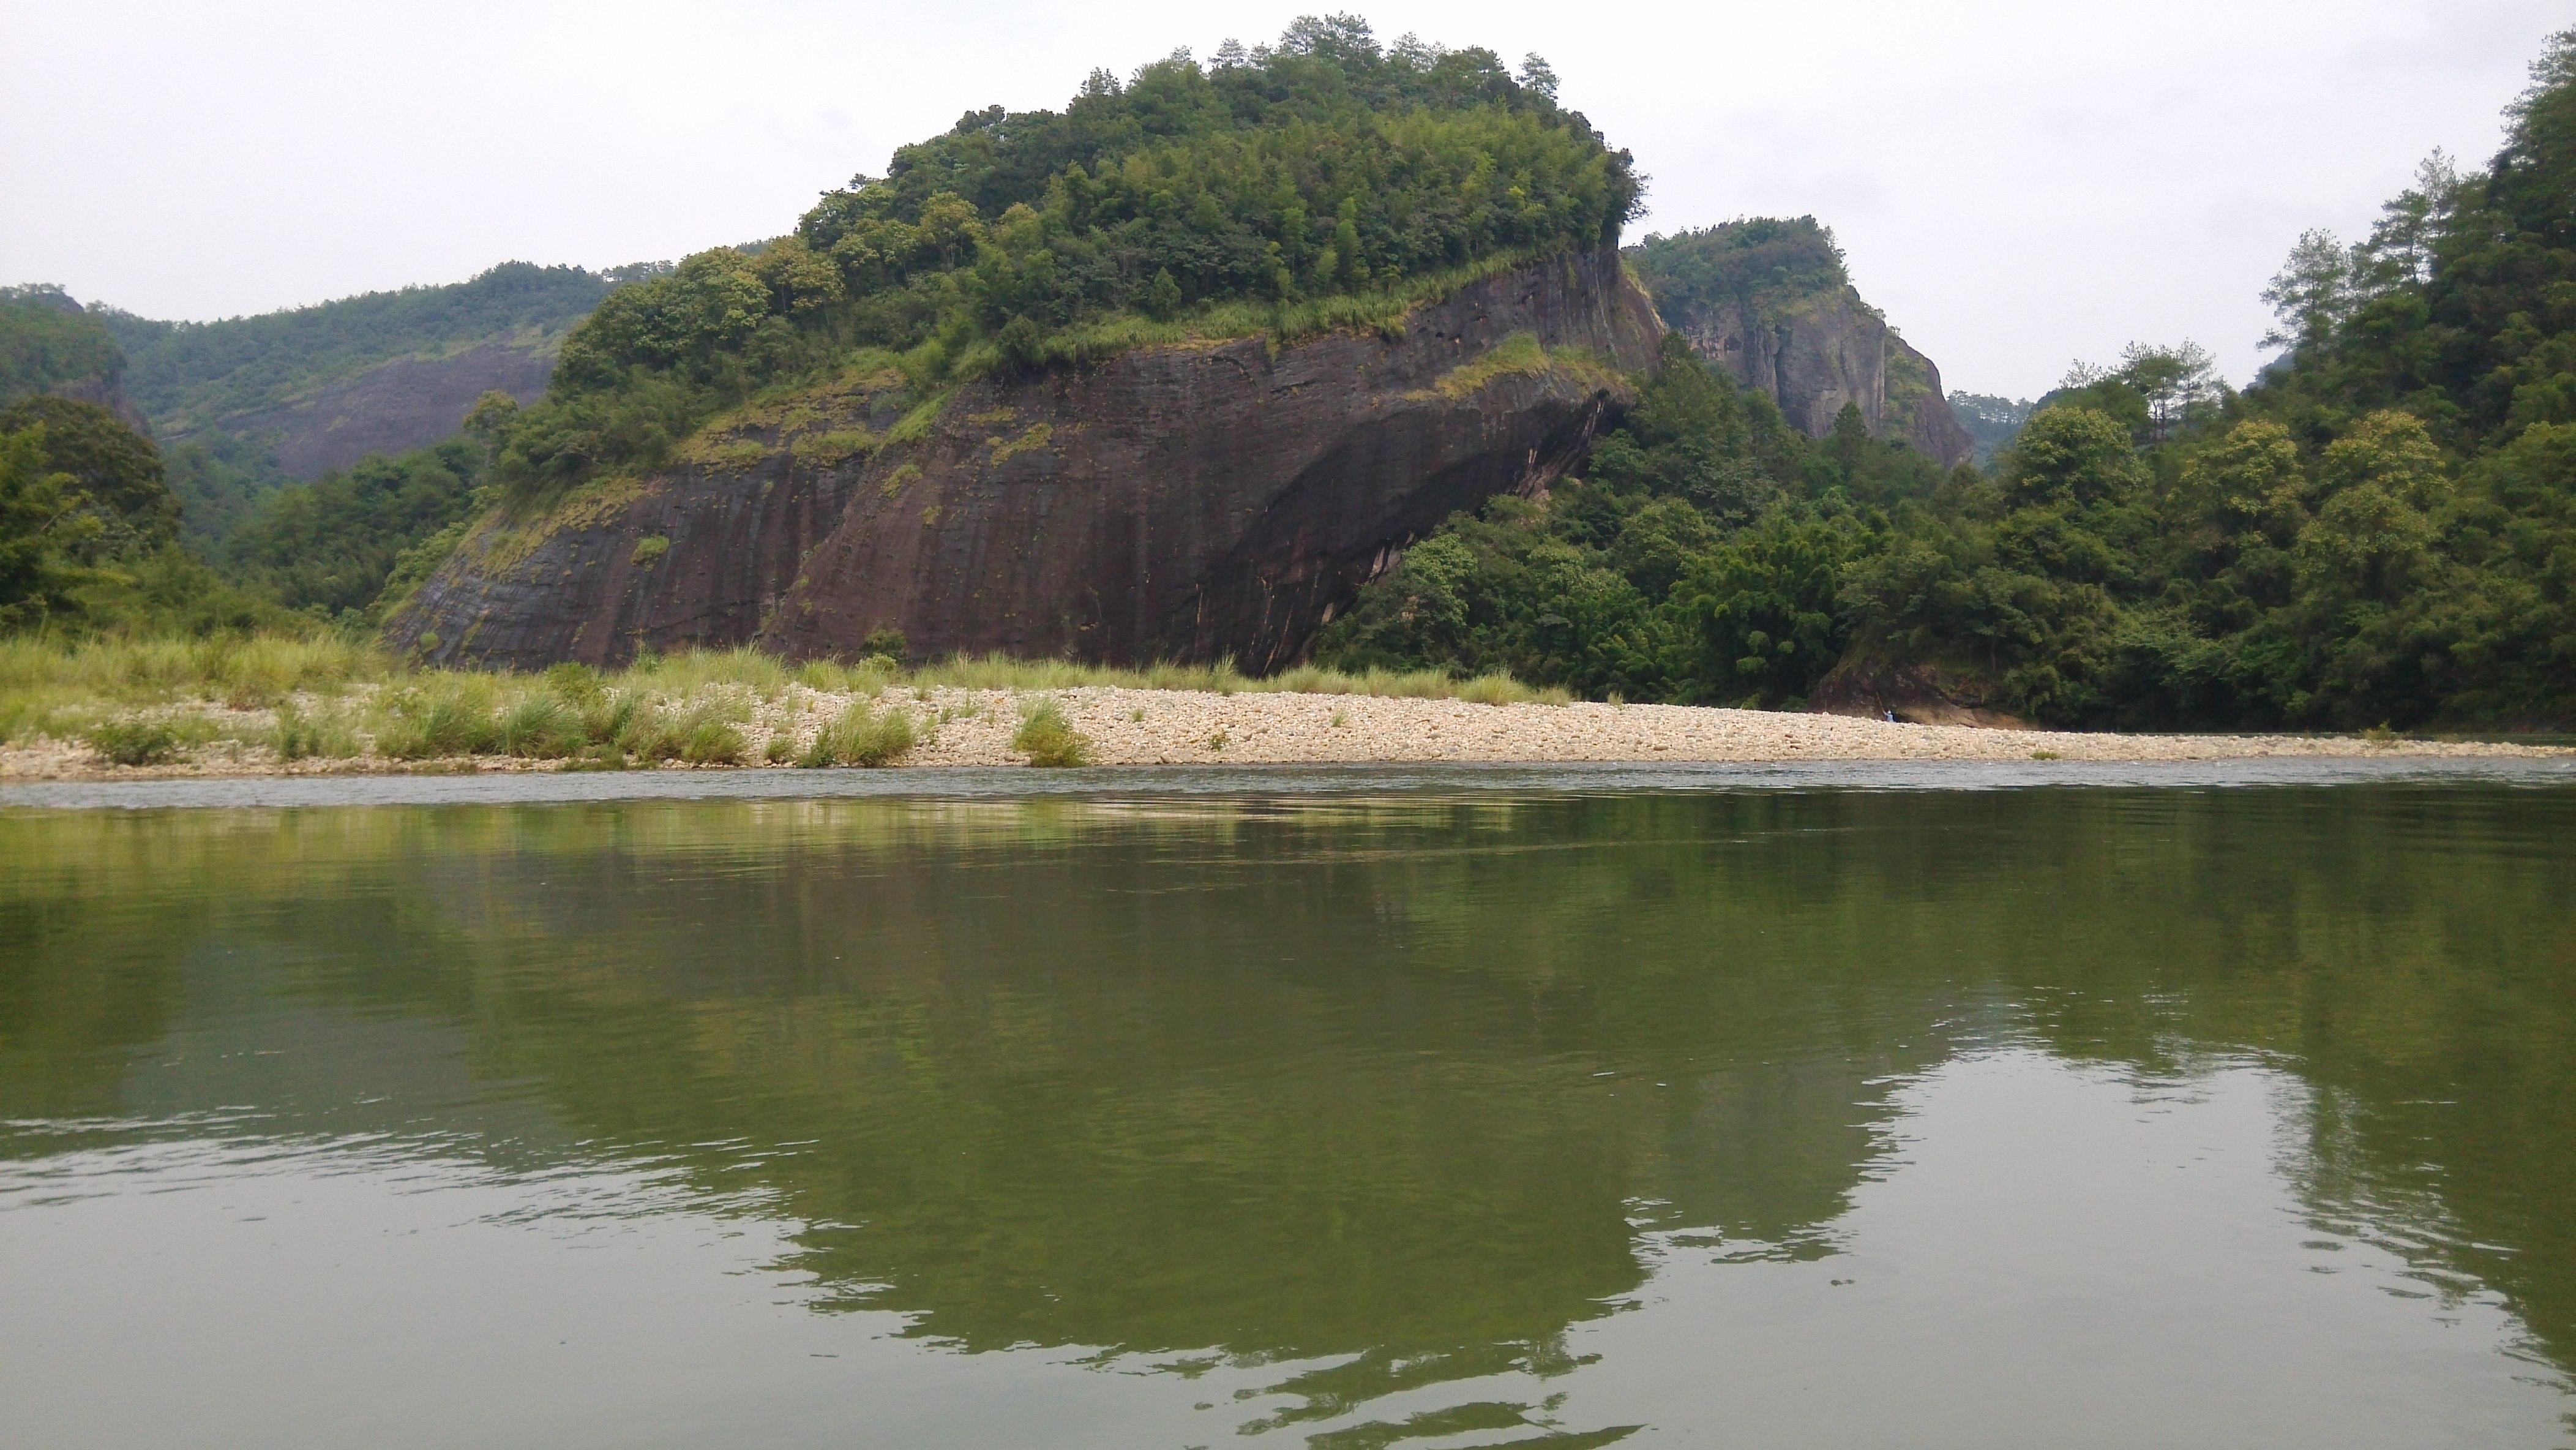 壁纸 风景 山水 摄影 桌面